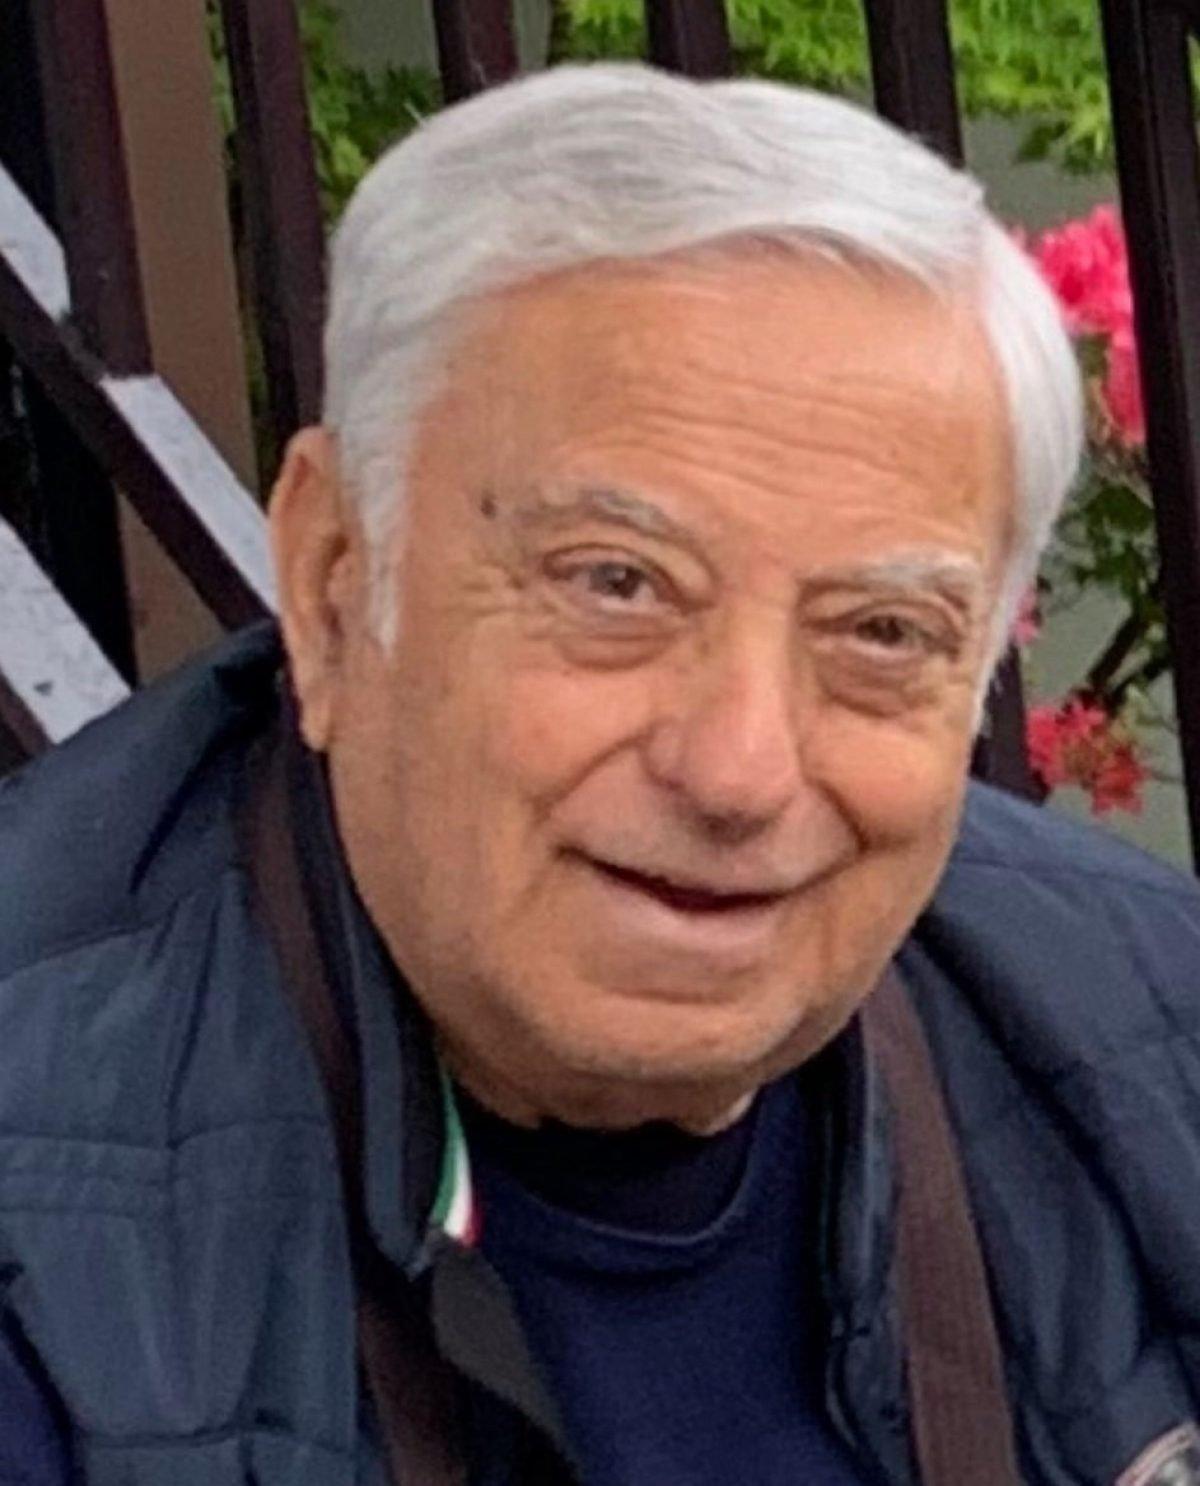 La scomparsa dell'imprenditore Eugenio Martucci in Puglia